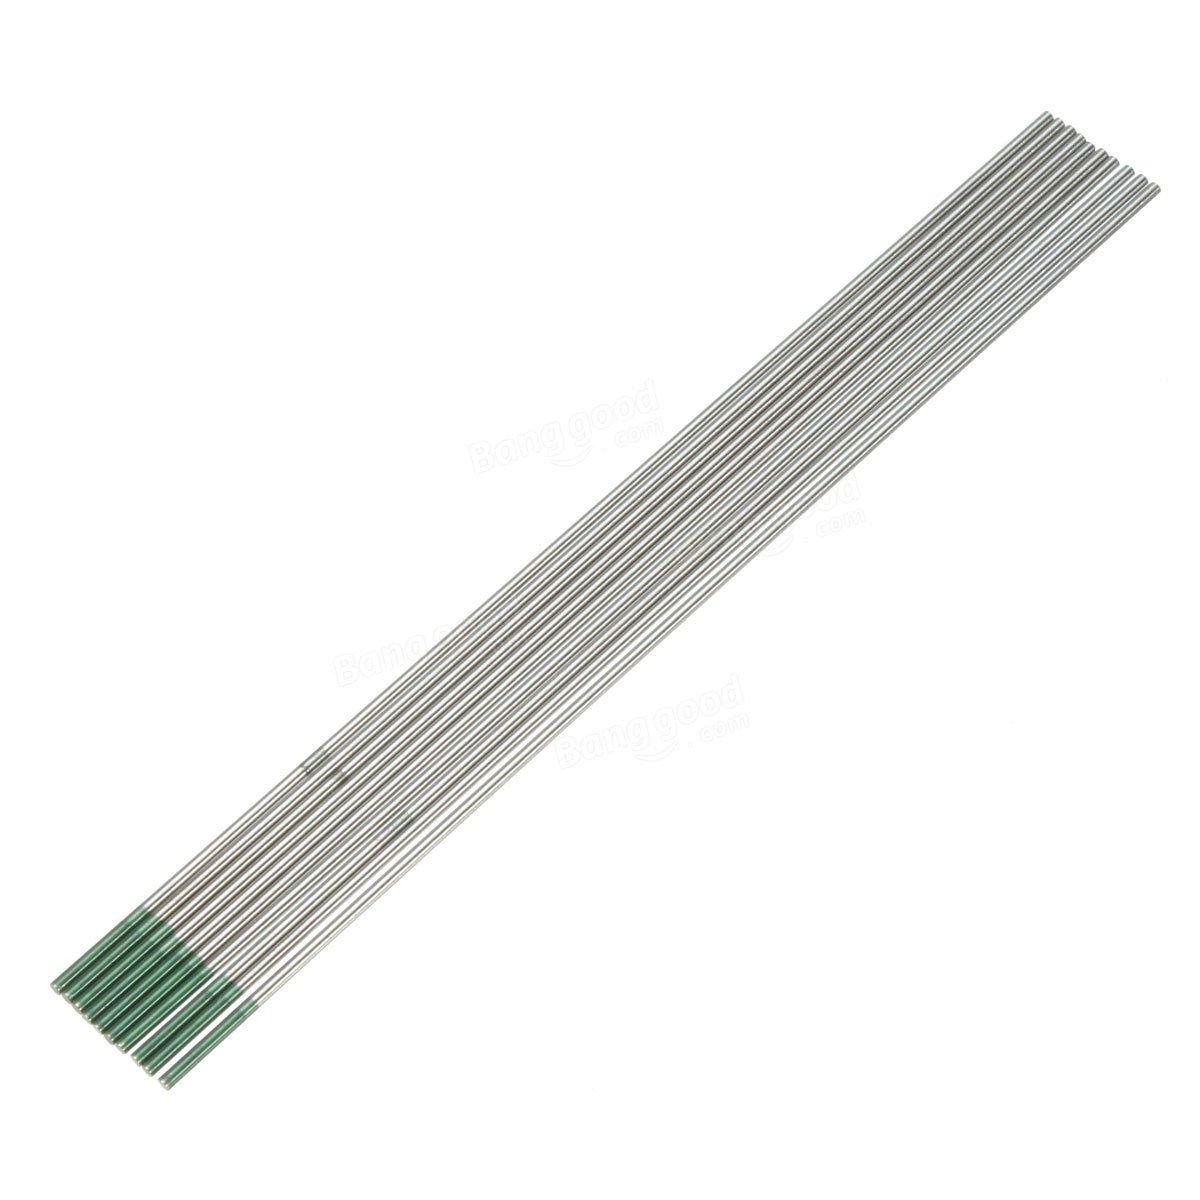 Calli Verde punta del electrodo de tungsteno puro para la soldadura TIG 10pk 1.6 mm x 150 mm: Amazon.es: Electrónica